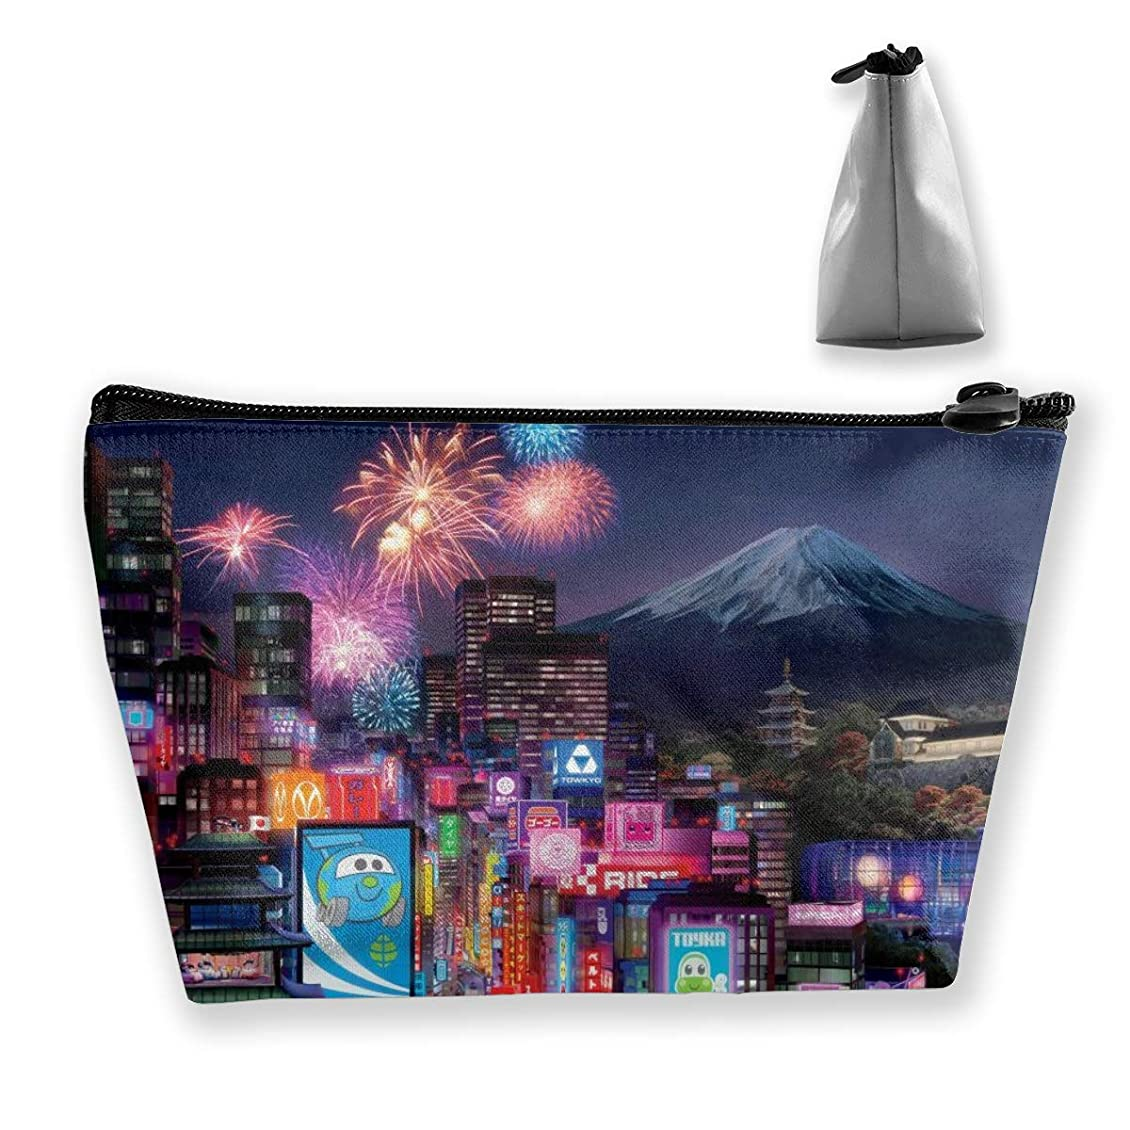 息子ドメインスイス人Szsgqkj 富士山の花火 化粧品袋の携帯用旅行構造の袋の洗面用品の主催者